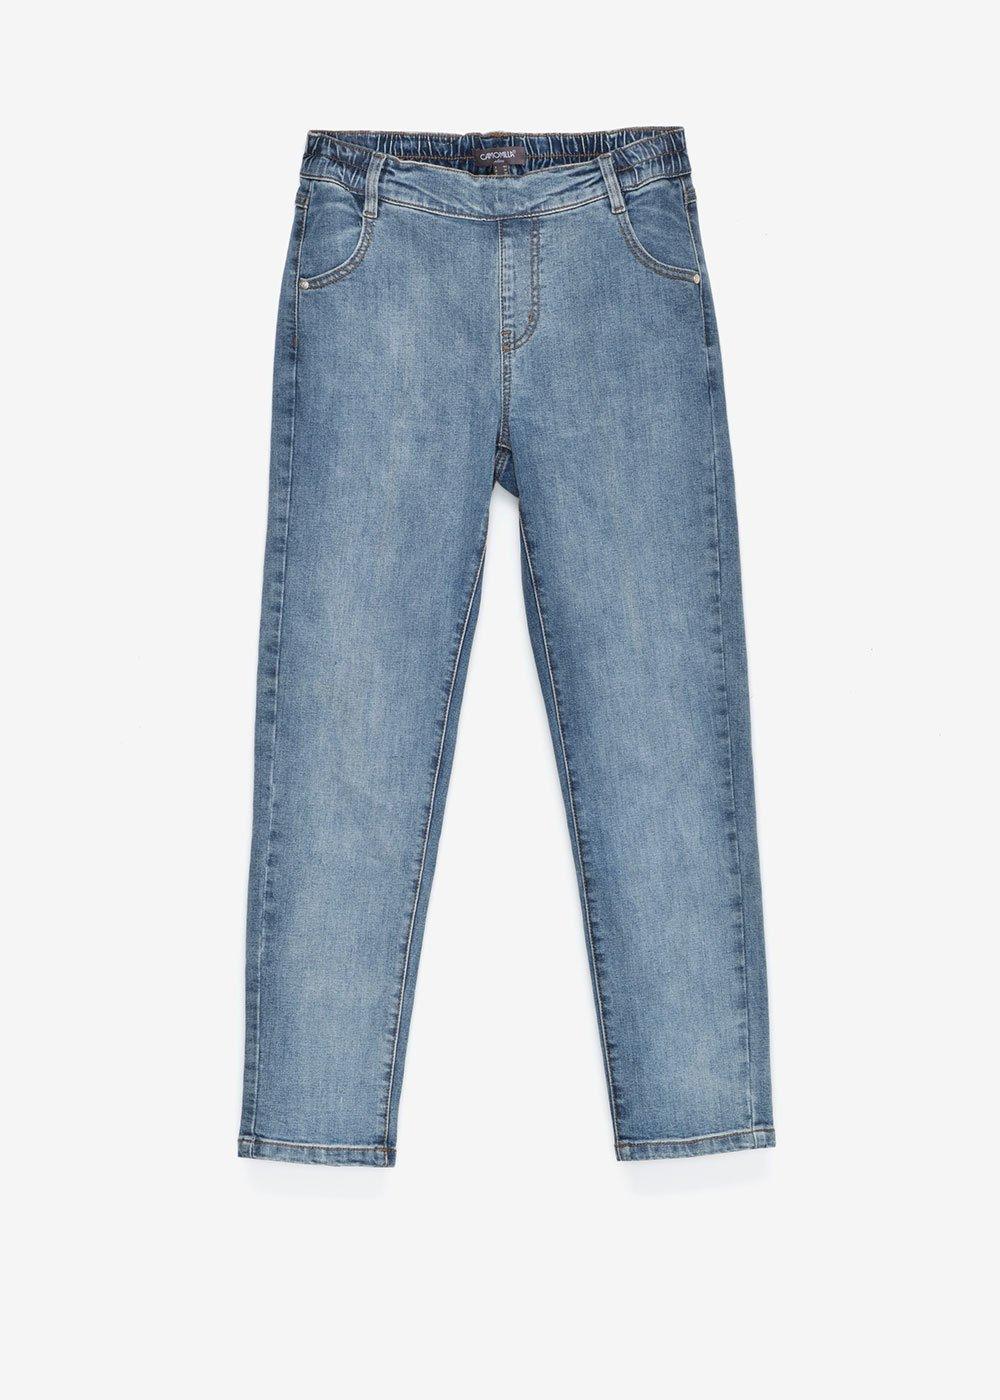 Pantalone jeggings Doris con elastico sul restro - Medium Denim - Donna